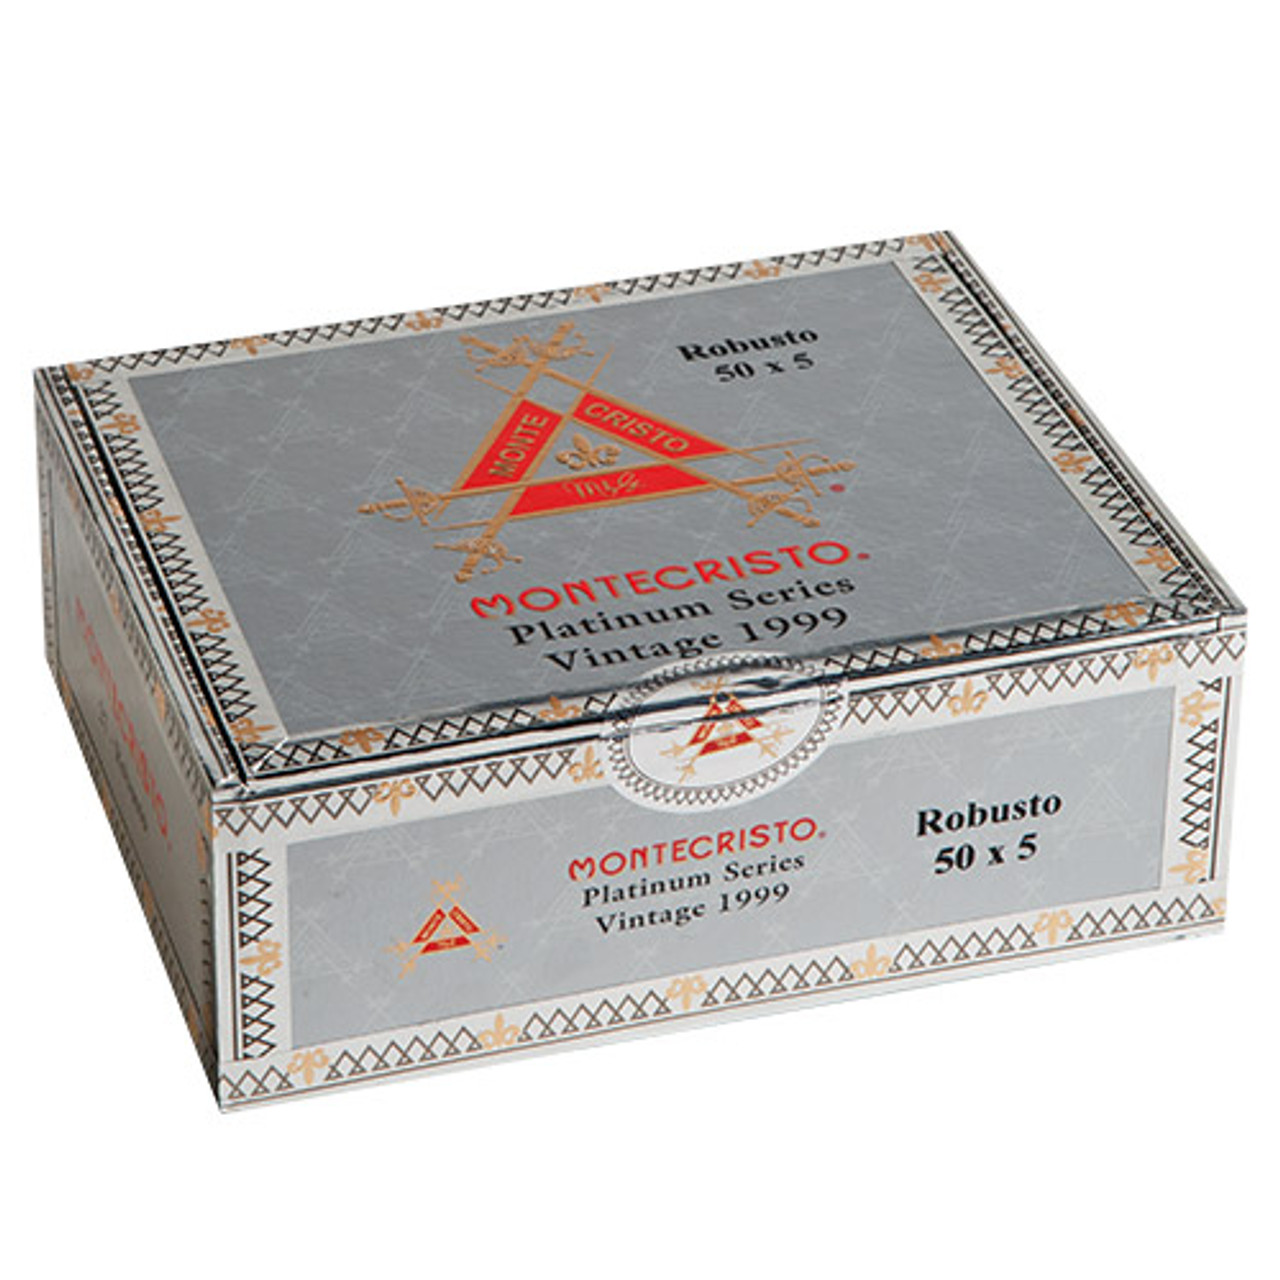 Montecristo Platinum Series Rothchilde Cigars - 5 x 50 (Box of 15 Aluminum Tubes)